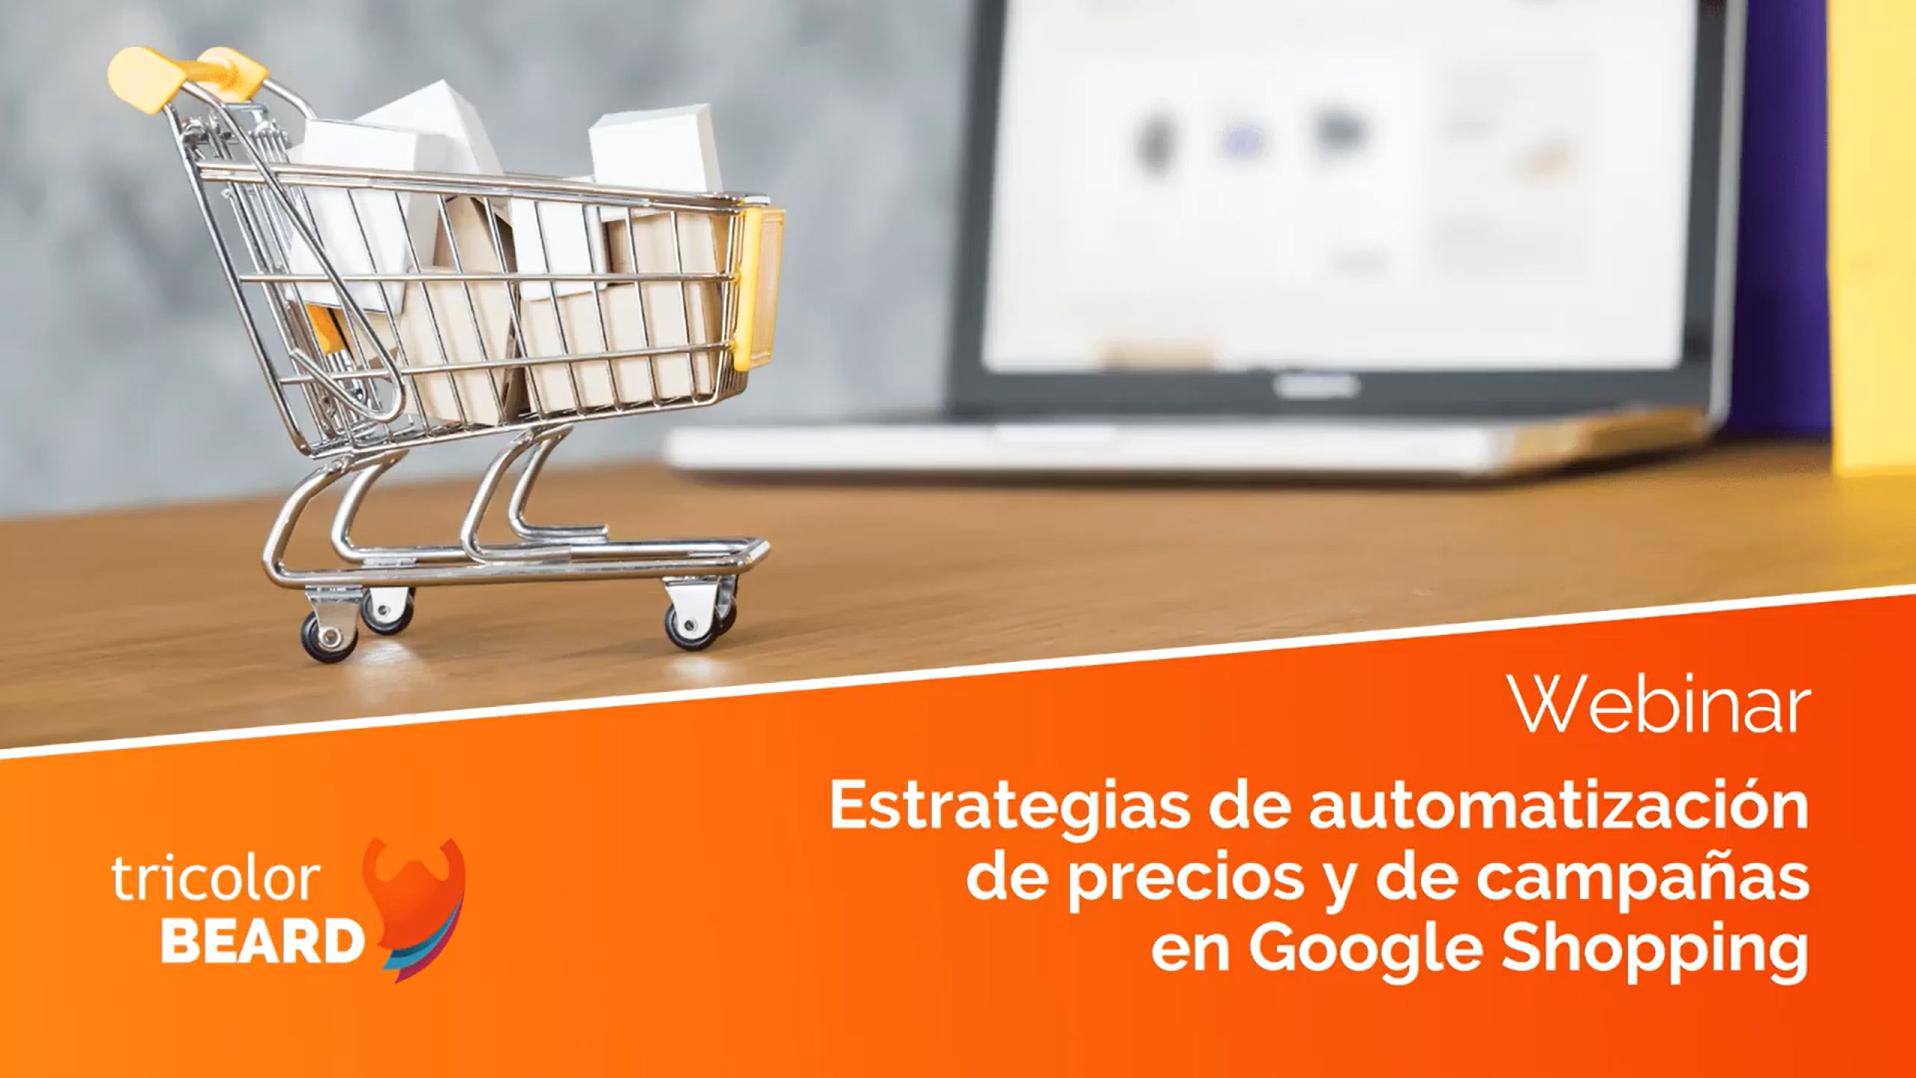 Estrategias de automatización de precios y de campañas google shopping